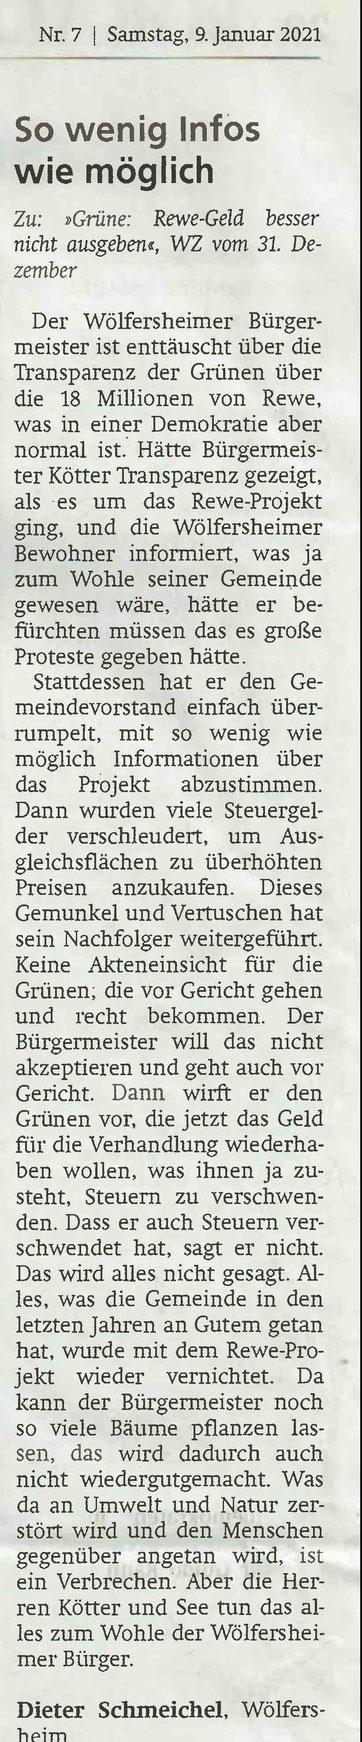 Wetterauer Zeitung, 9. Januar 2021